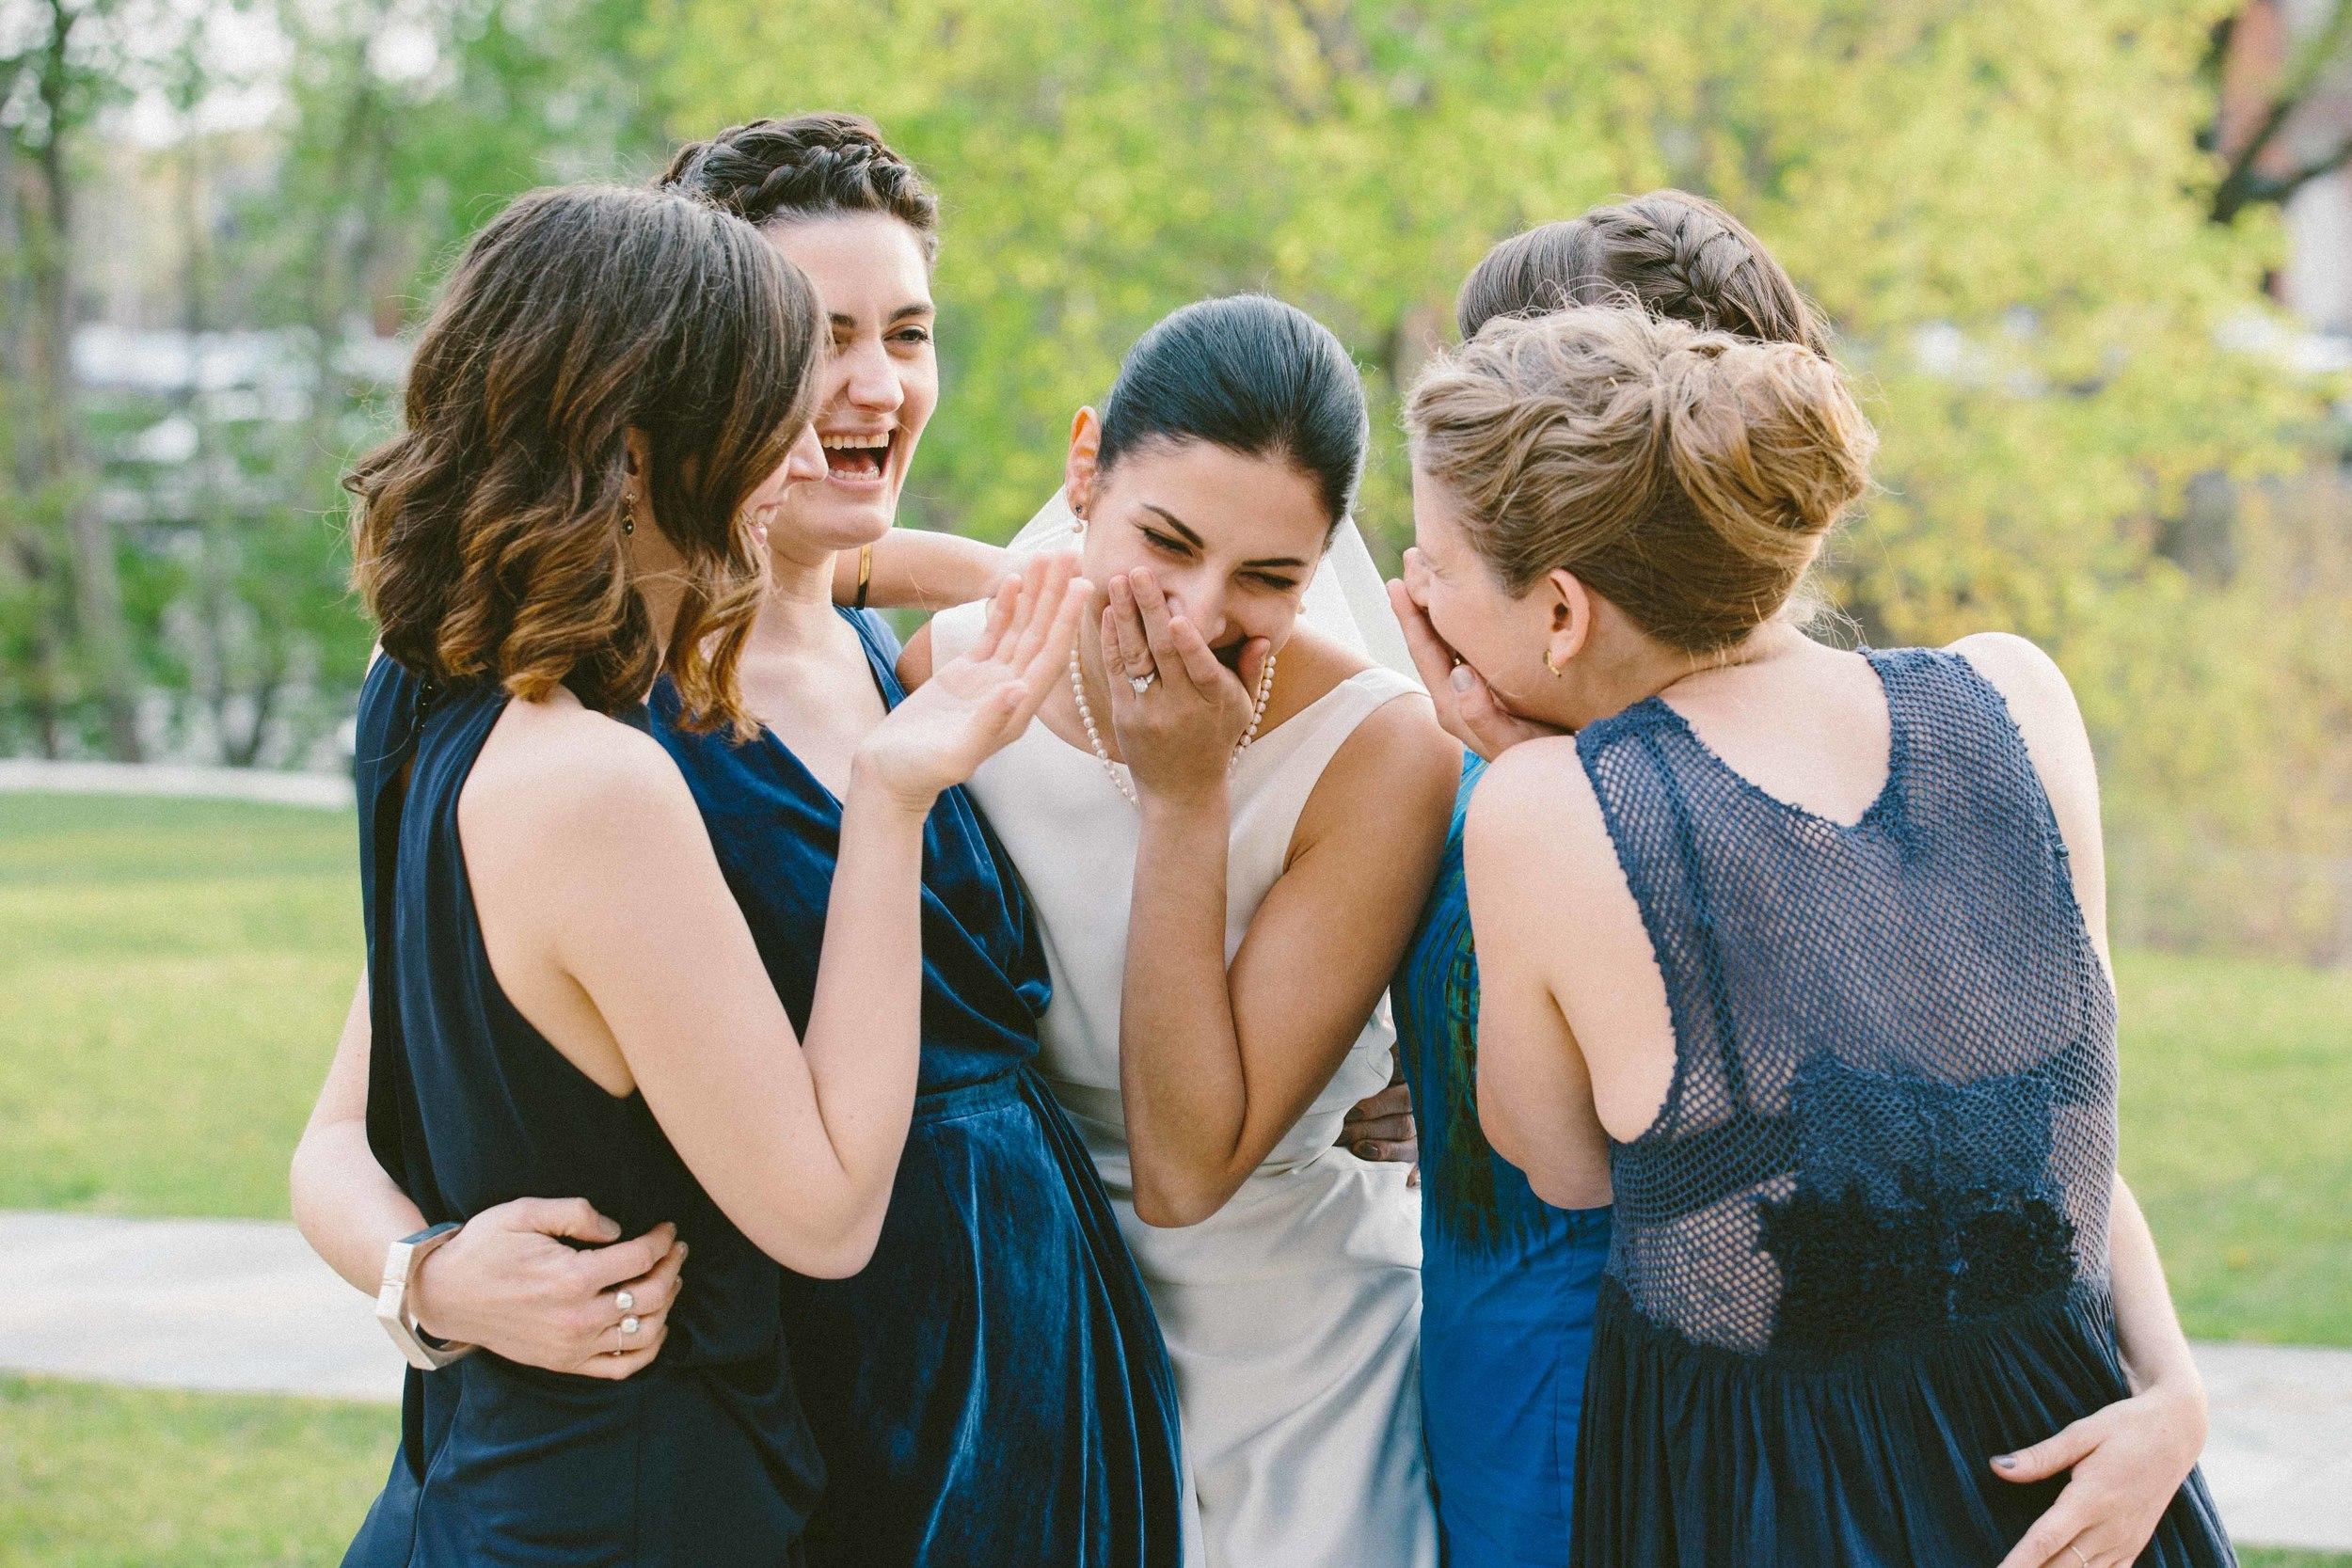 Elegant-Jewish-Wedding-Hudson-Valley-New-York-Documentary-Photography-Jacek-Dolata-13.jpg